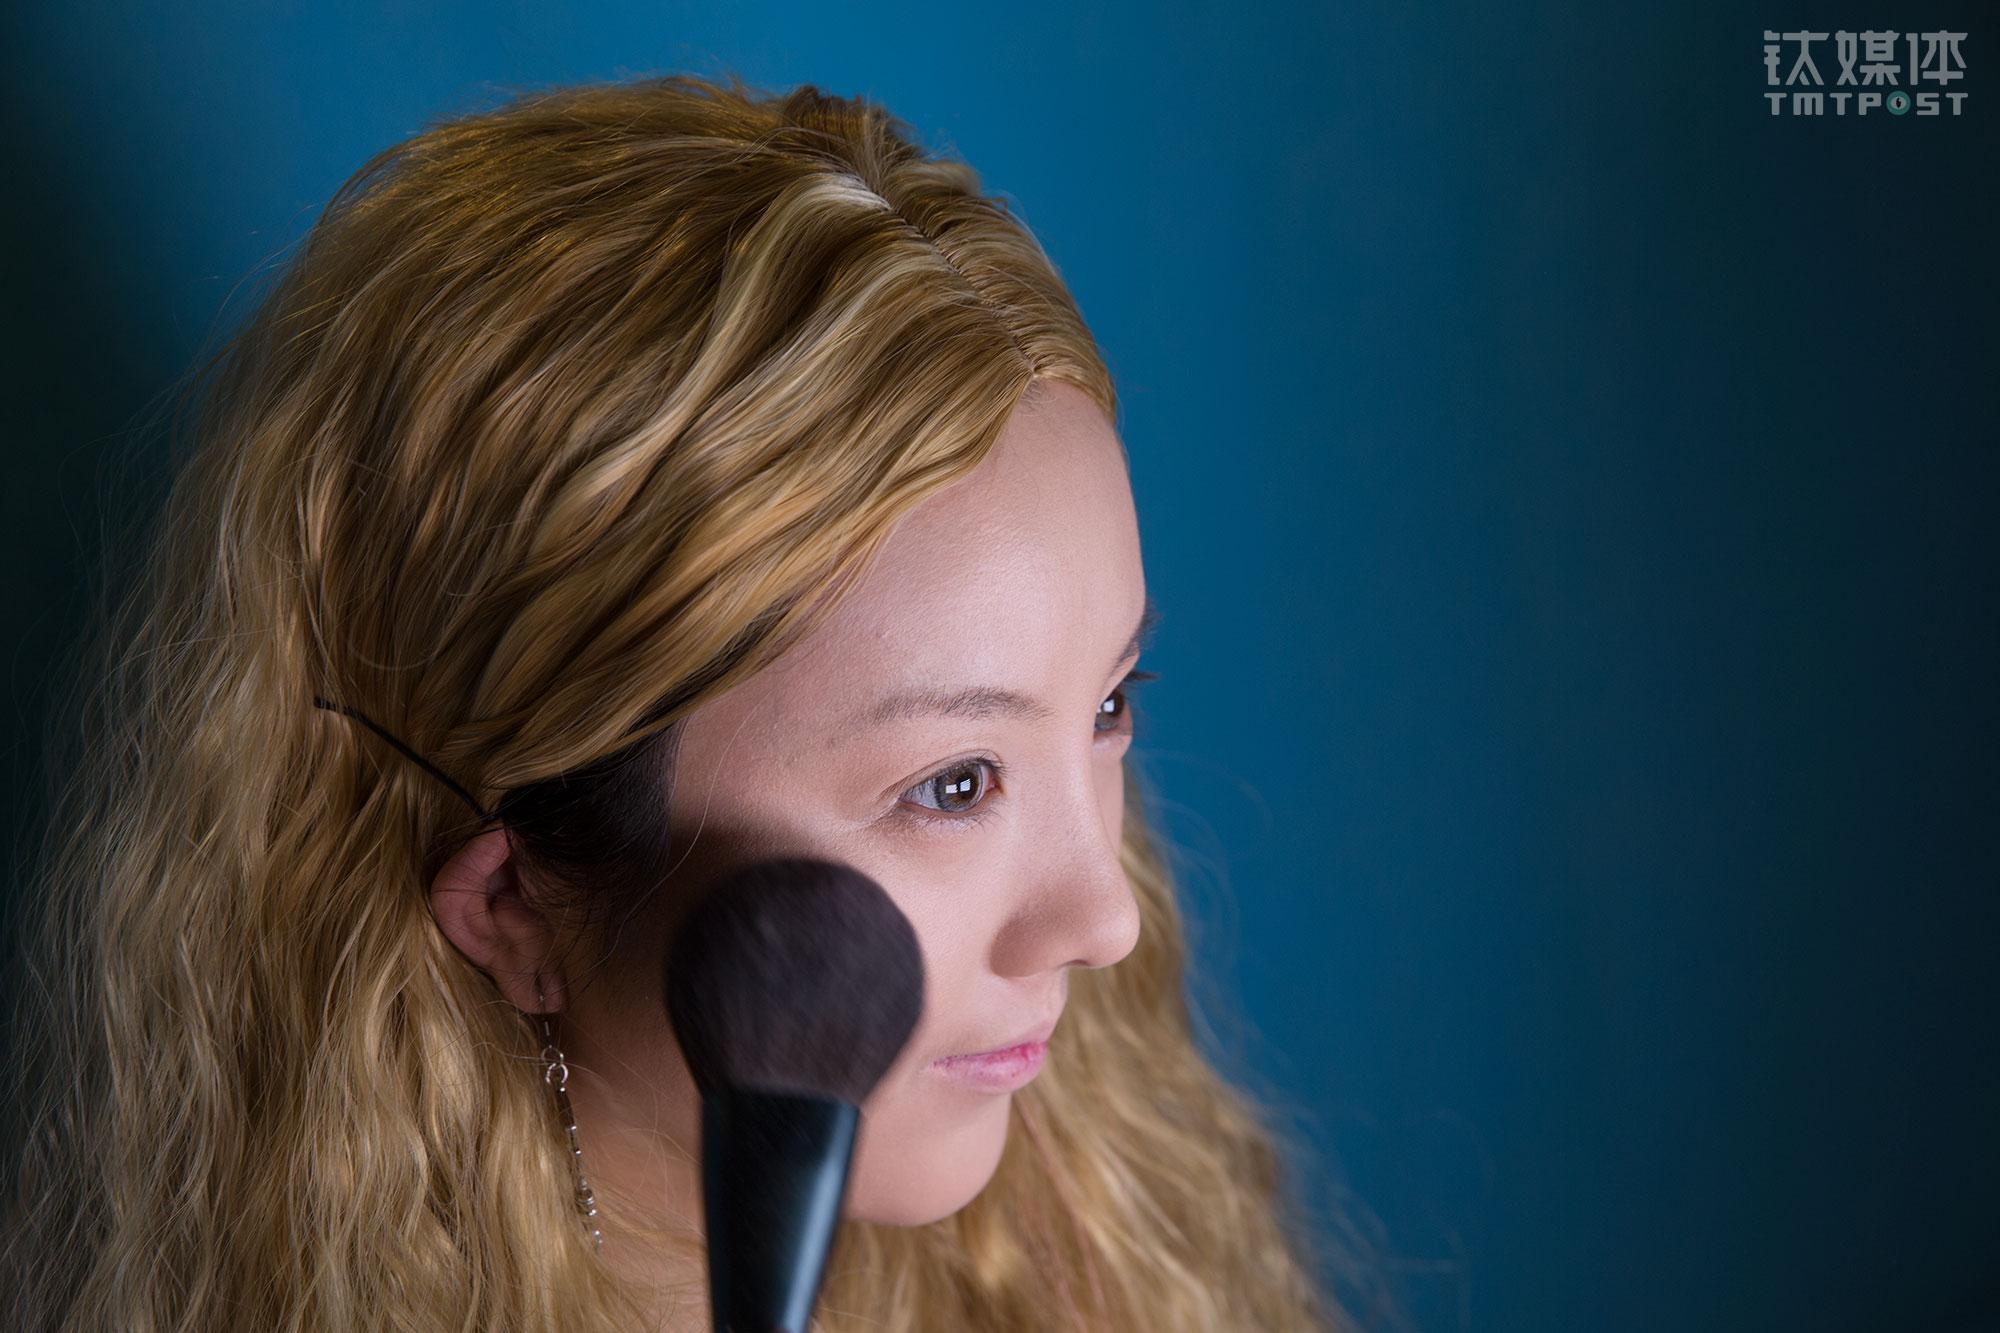 这一期她准备做的是韩国明星金泫雅的仿妆。除了明星仿妆,她还会根据最近的流行趋势和热点,结合自己的创意来策划内容。